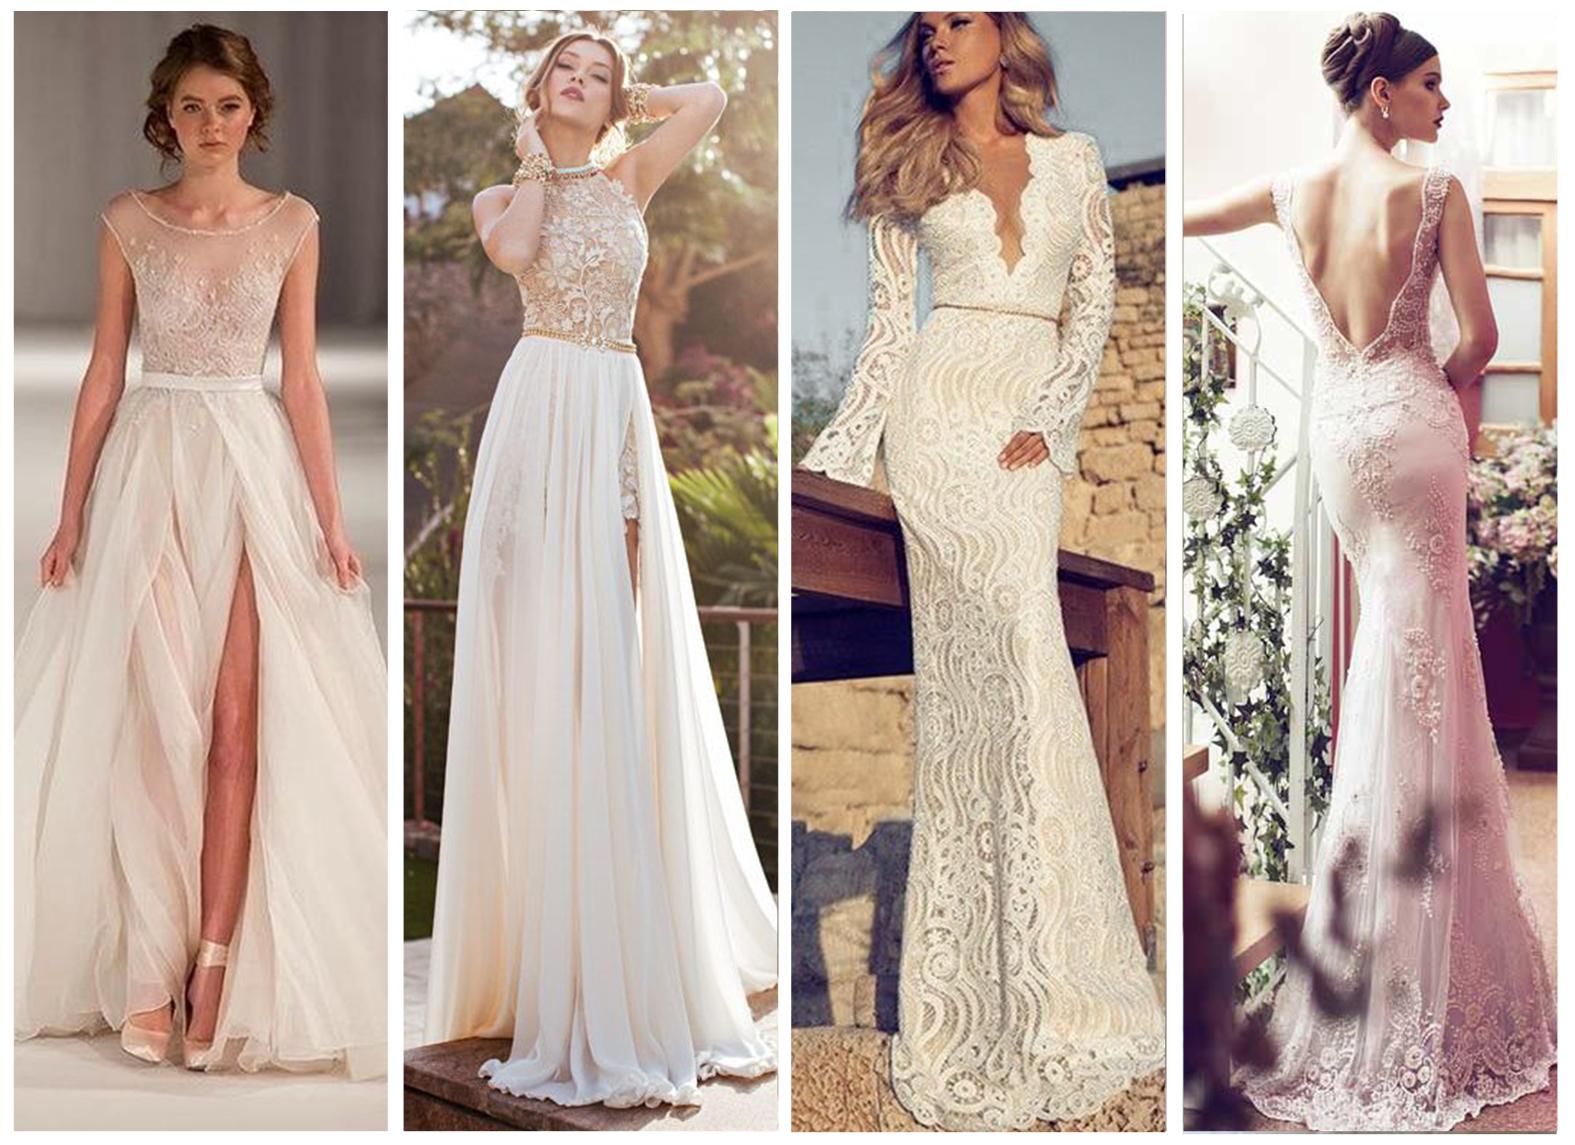 36e8fd623 Consejos para escoger el vestido ideal de graduación - Aribristyle